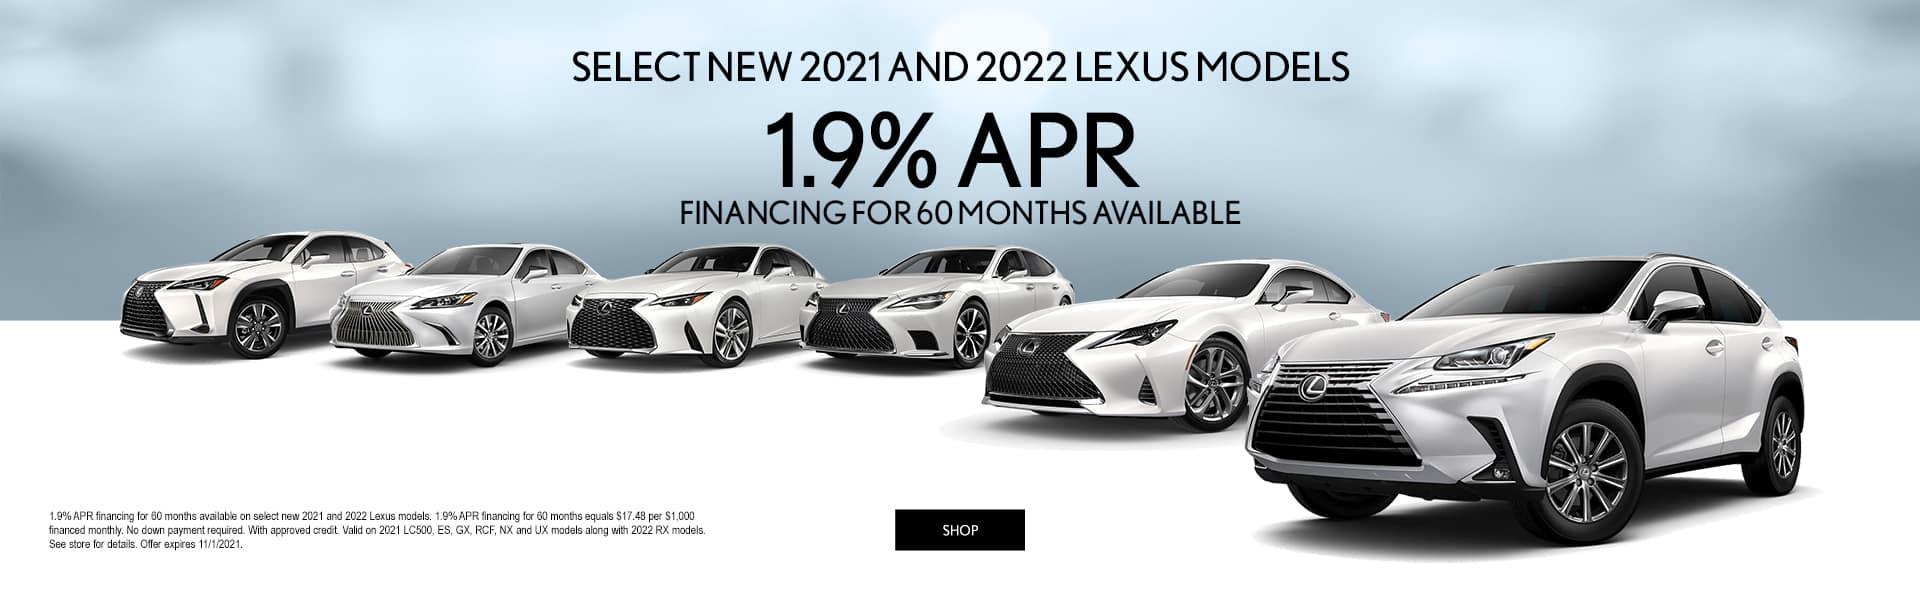 Lexus-1.9-for-60(1920x600) (1)